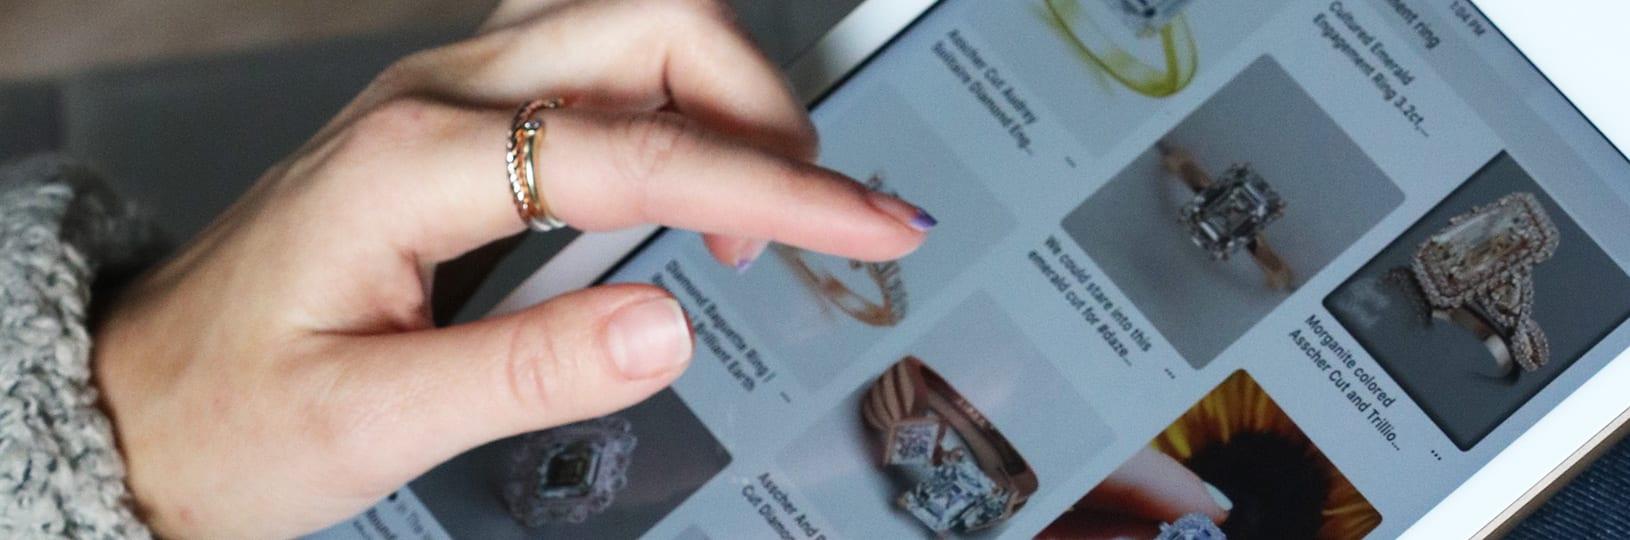 Shopping for rings online